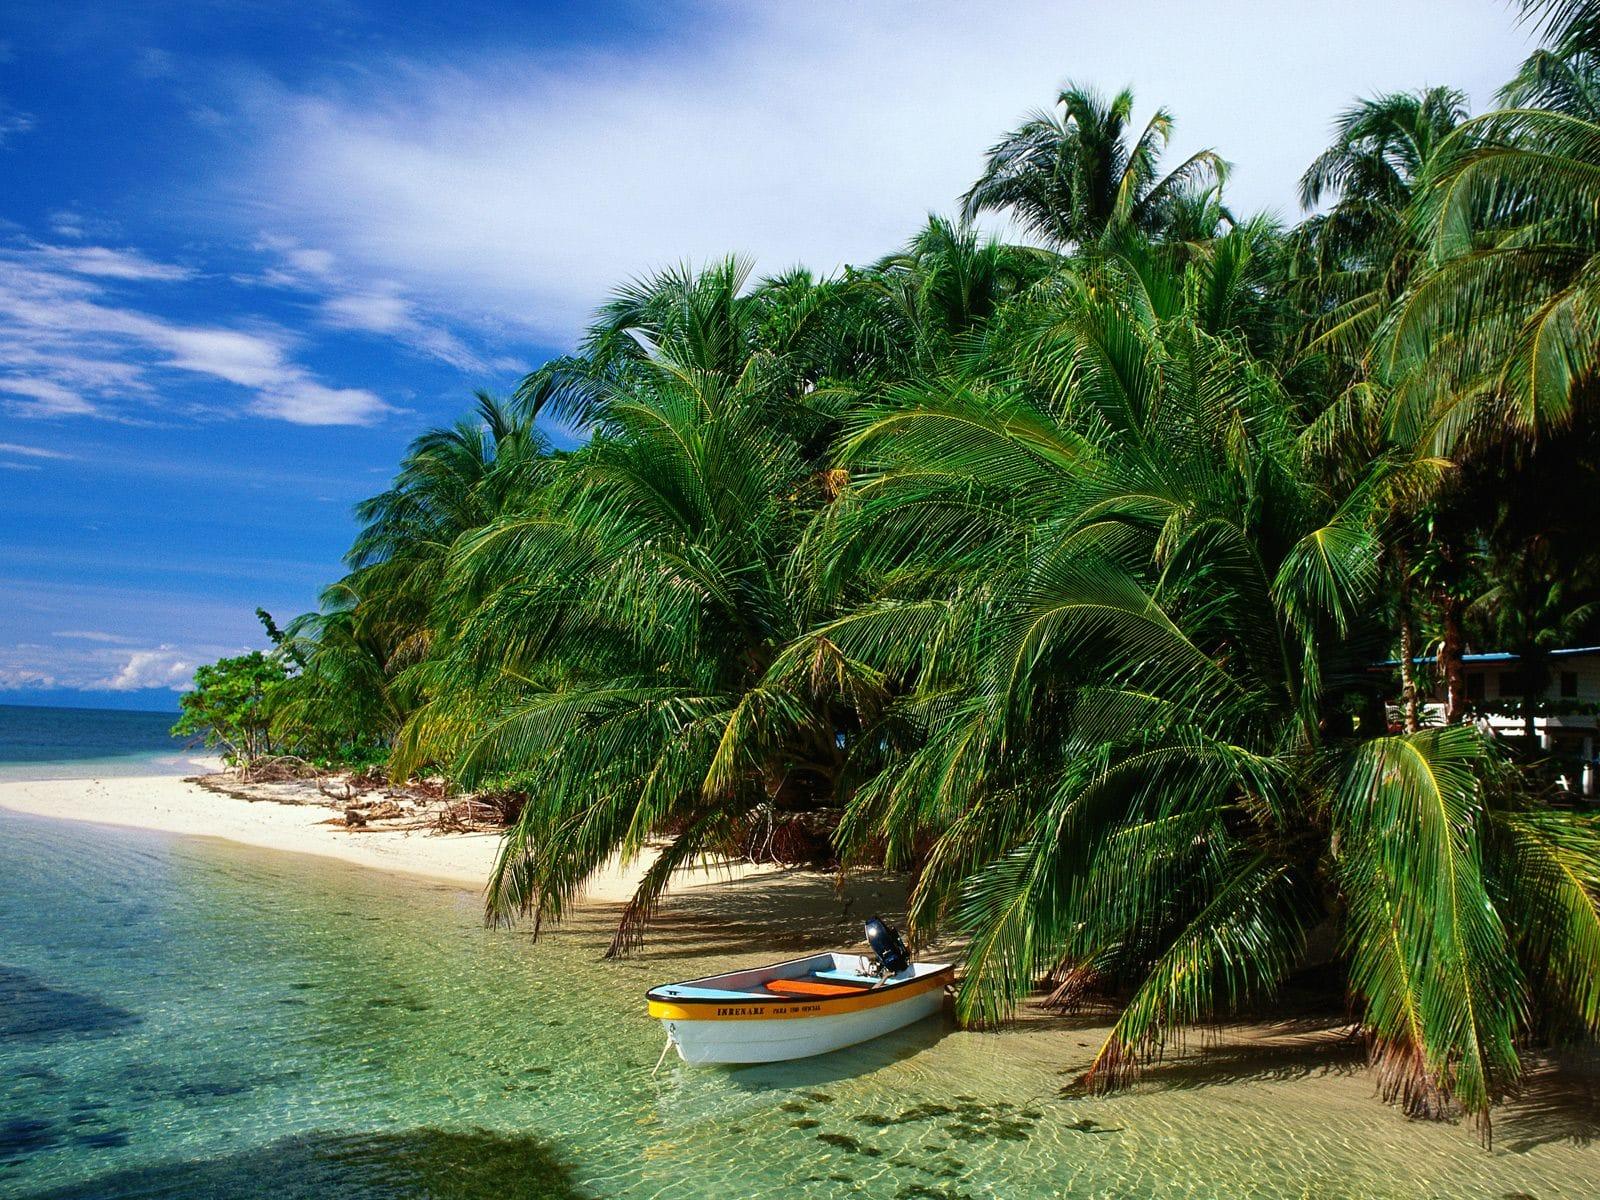 Insulel Bocas del Toro oferă peisaje superbe și experiențe inedite